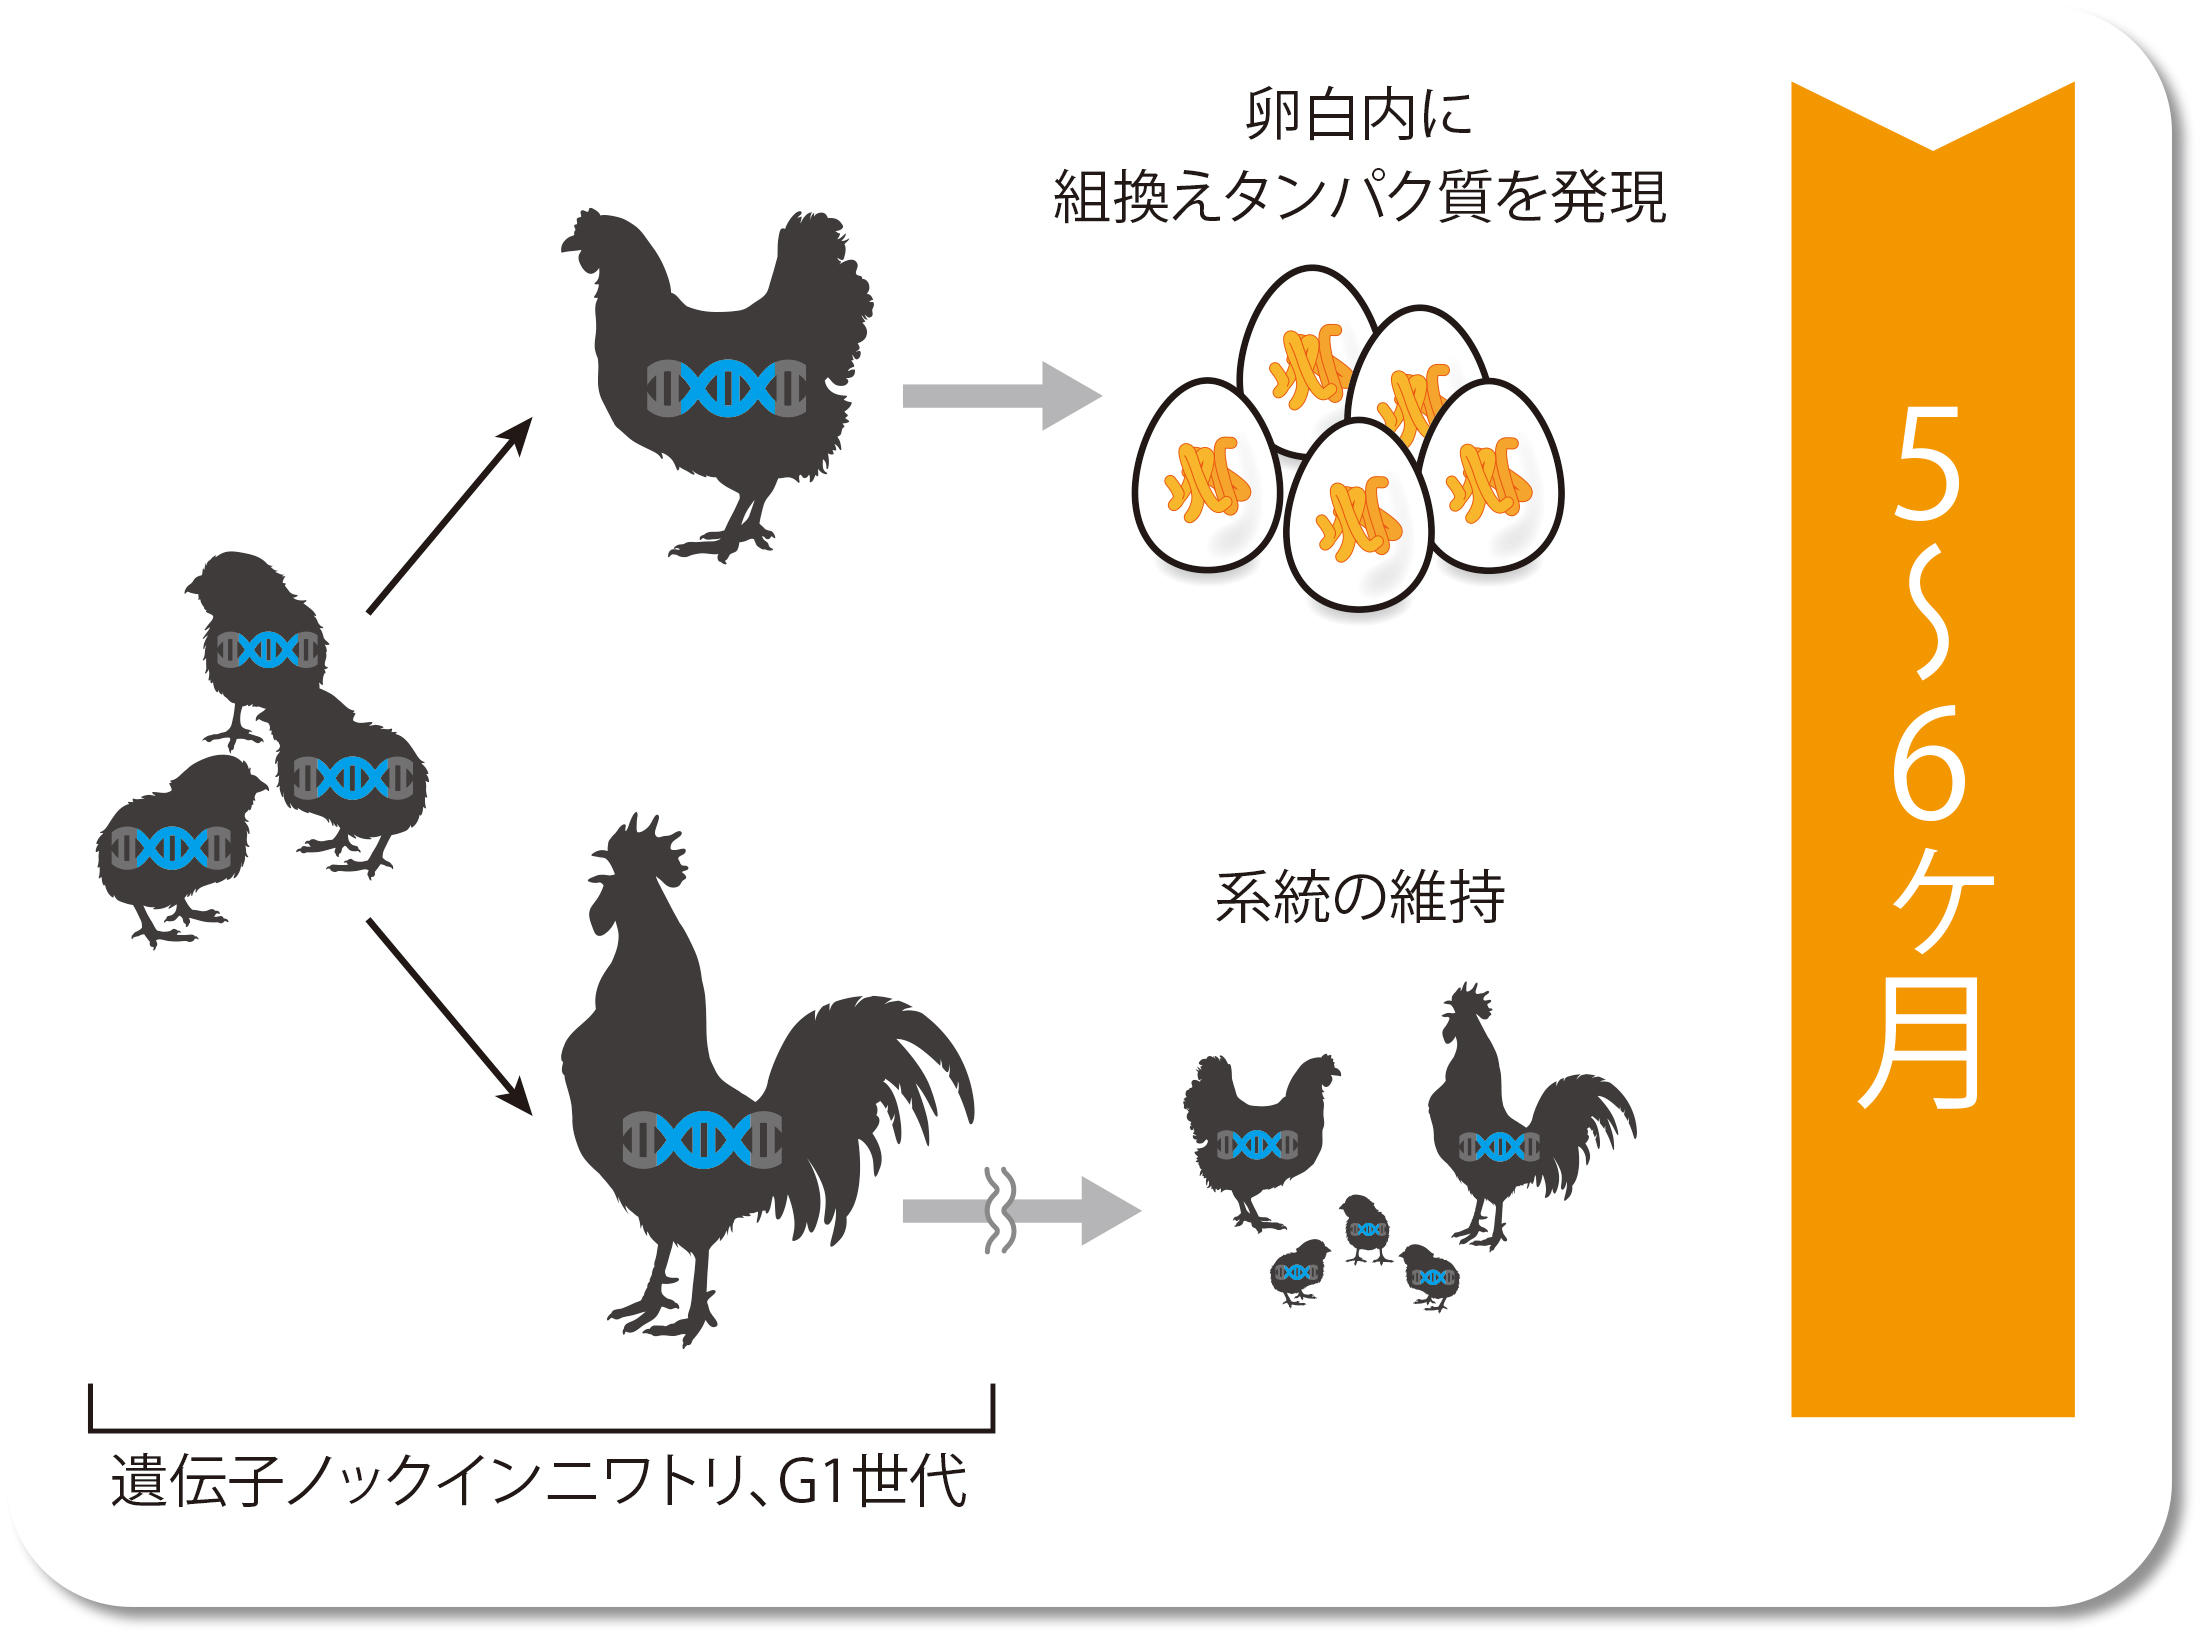 遺伝子ノックインニワトリG1世代 → 卵白内に組み換えタンパク質を発現